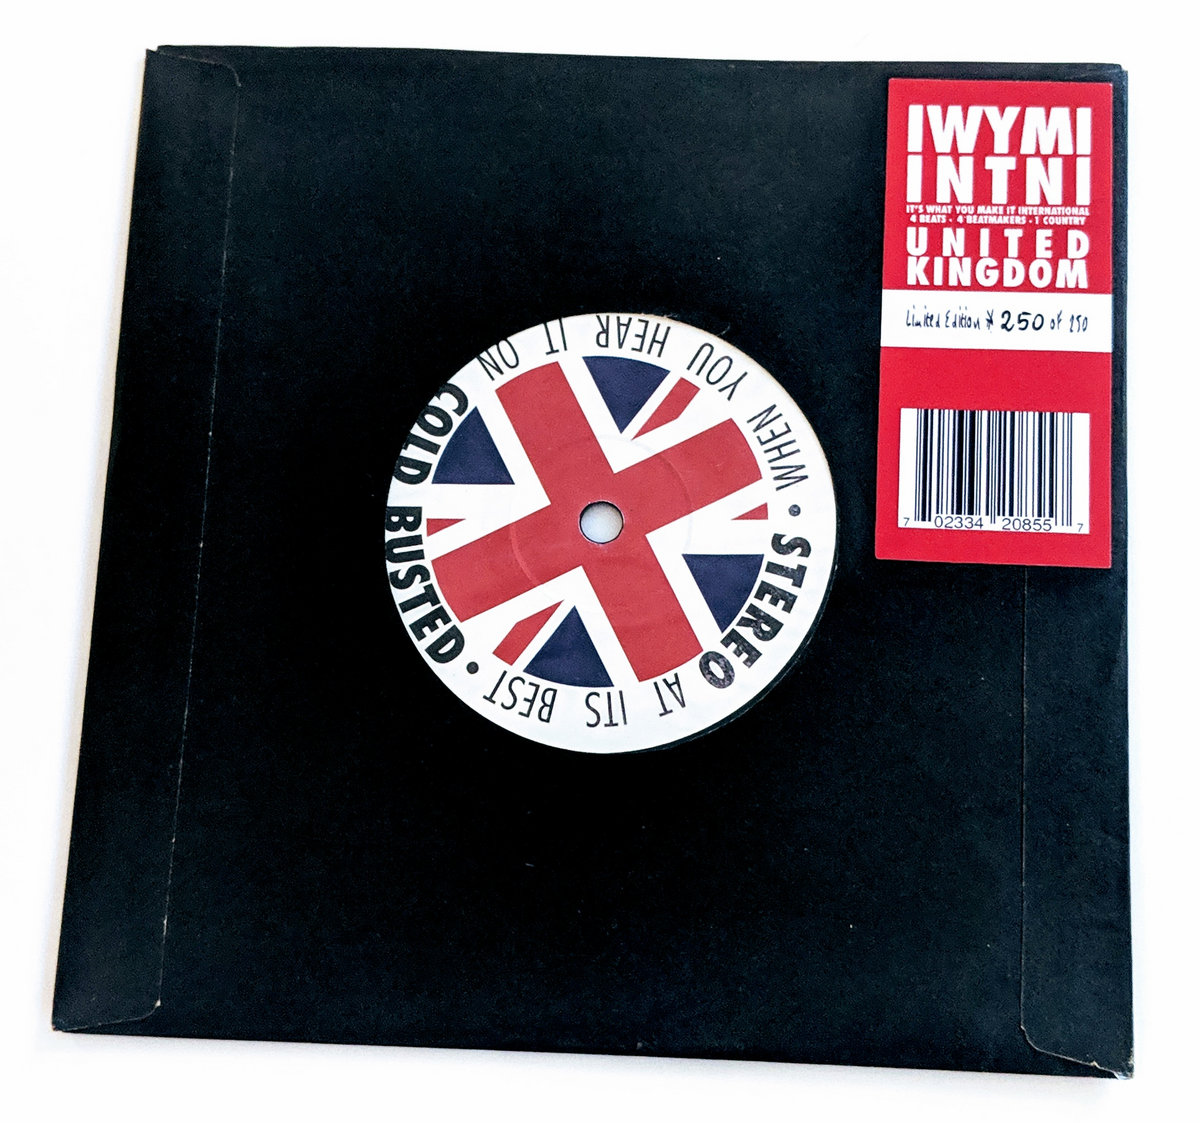 IWYMI INTNl: United Kingdom   Cold Busted